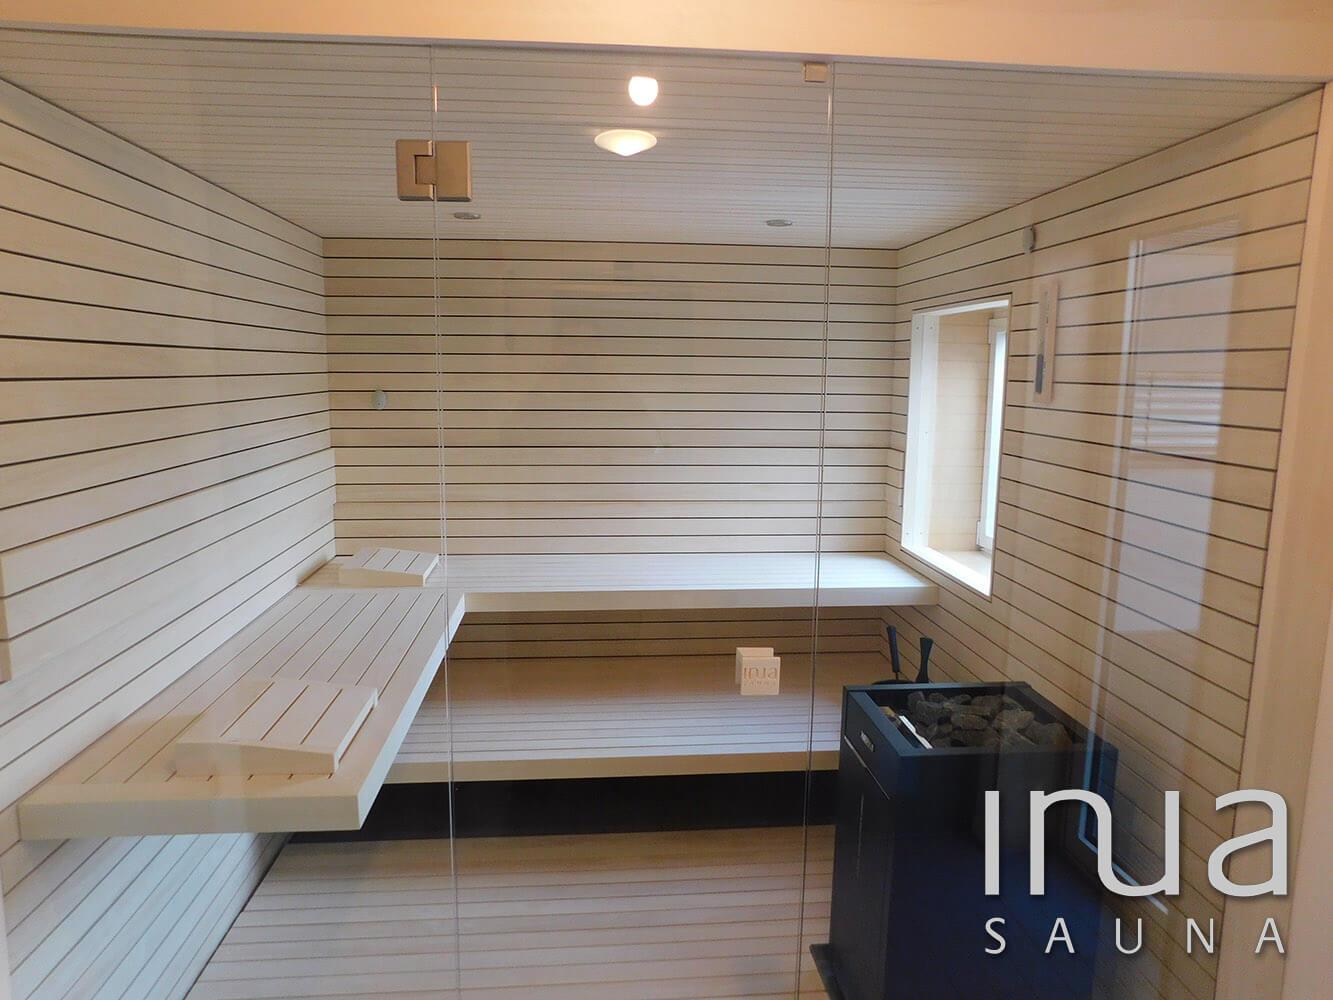 A szauna belső burkolata natúr nyárfából készült Inua panelrendszer, kívül is ezt a remek szauna építő anyagot használtuk.